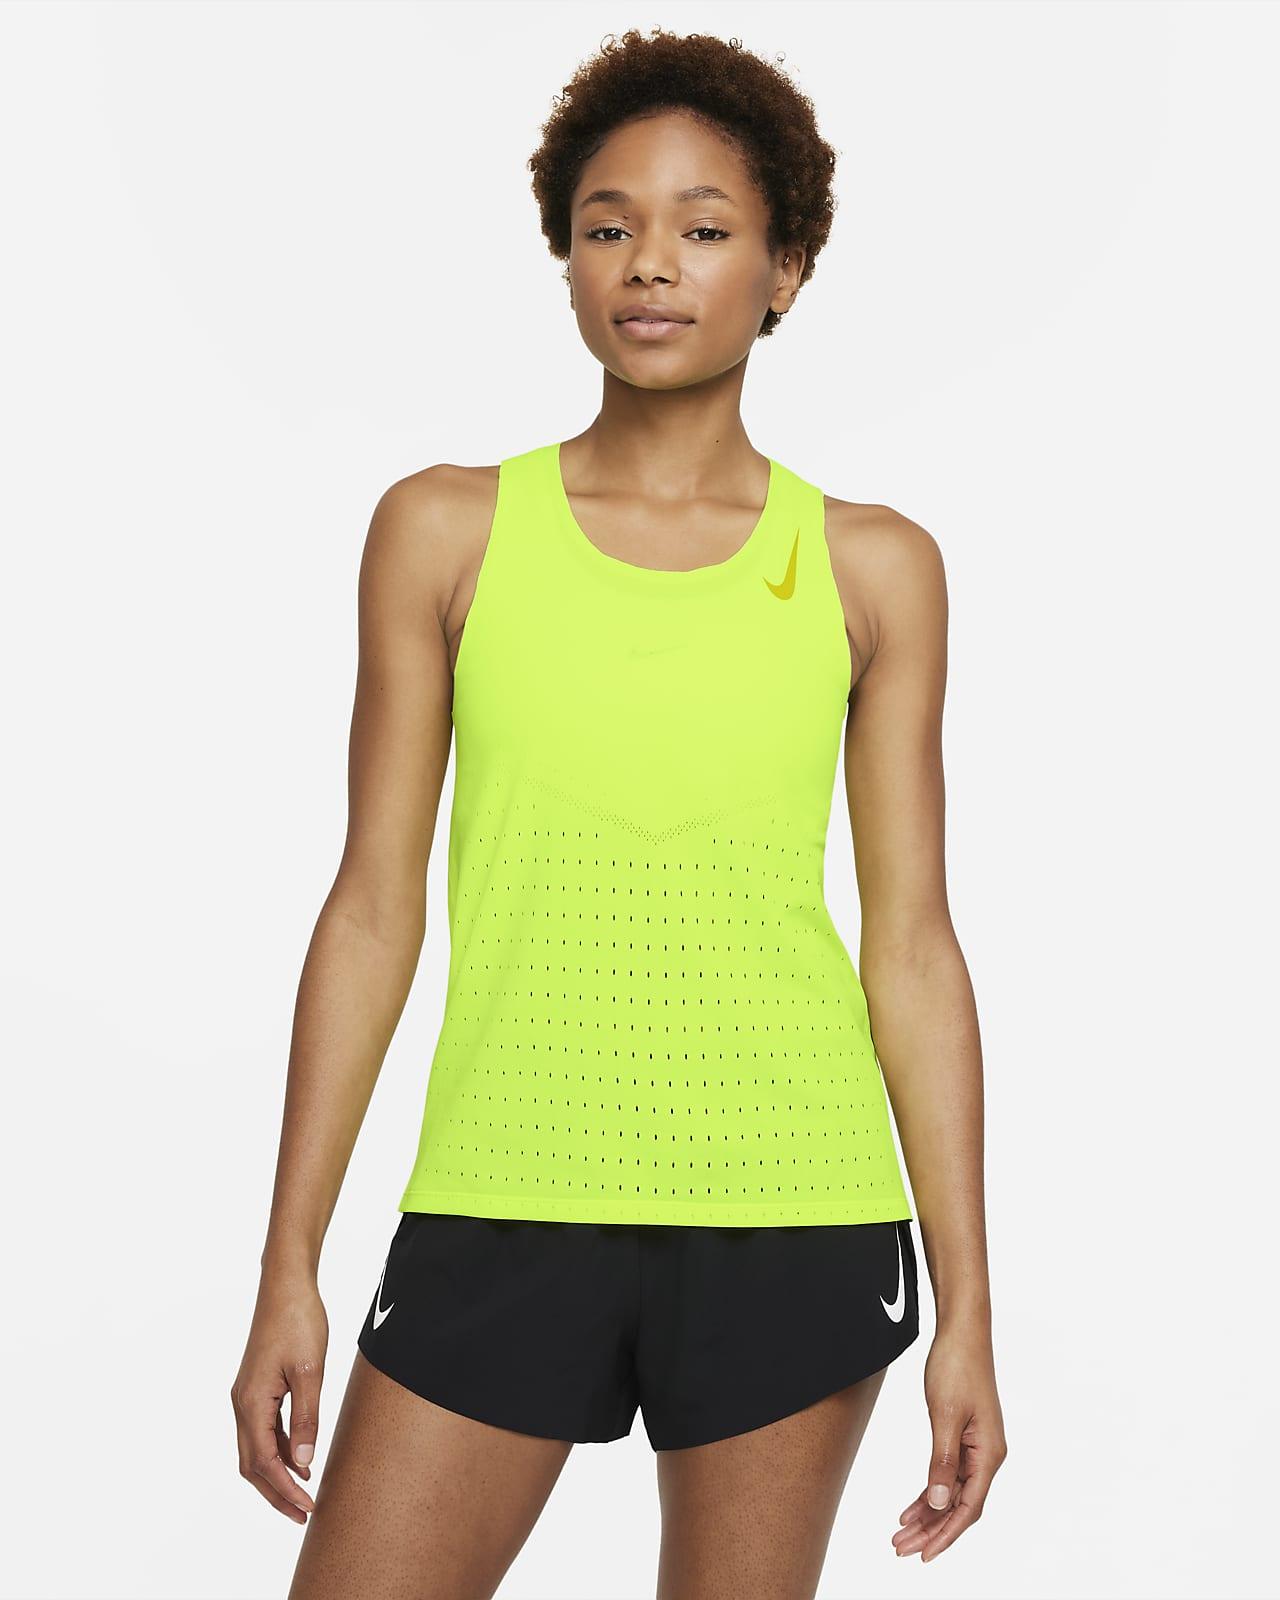 Γυναικεία φανέλα για τρέξιμο Nike AeroSwift